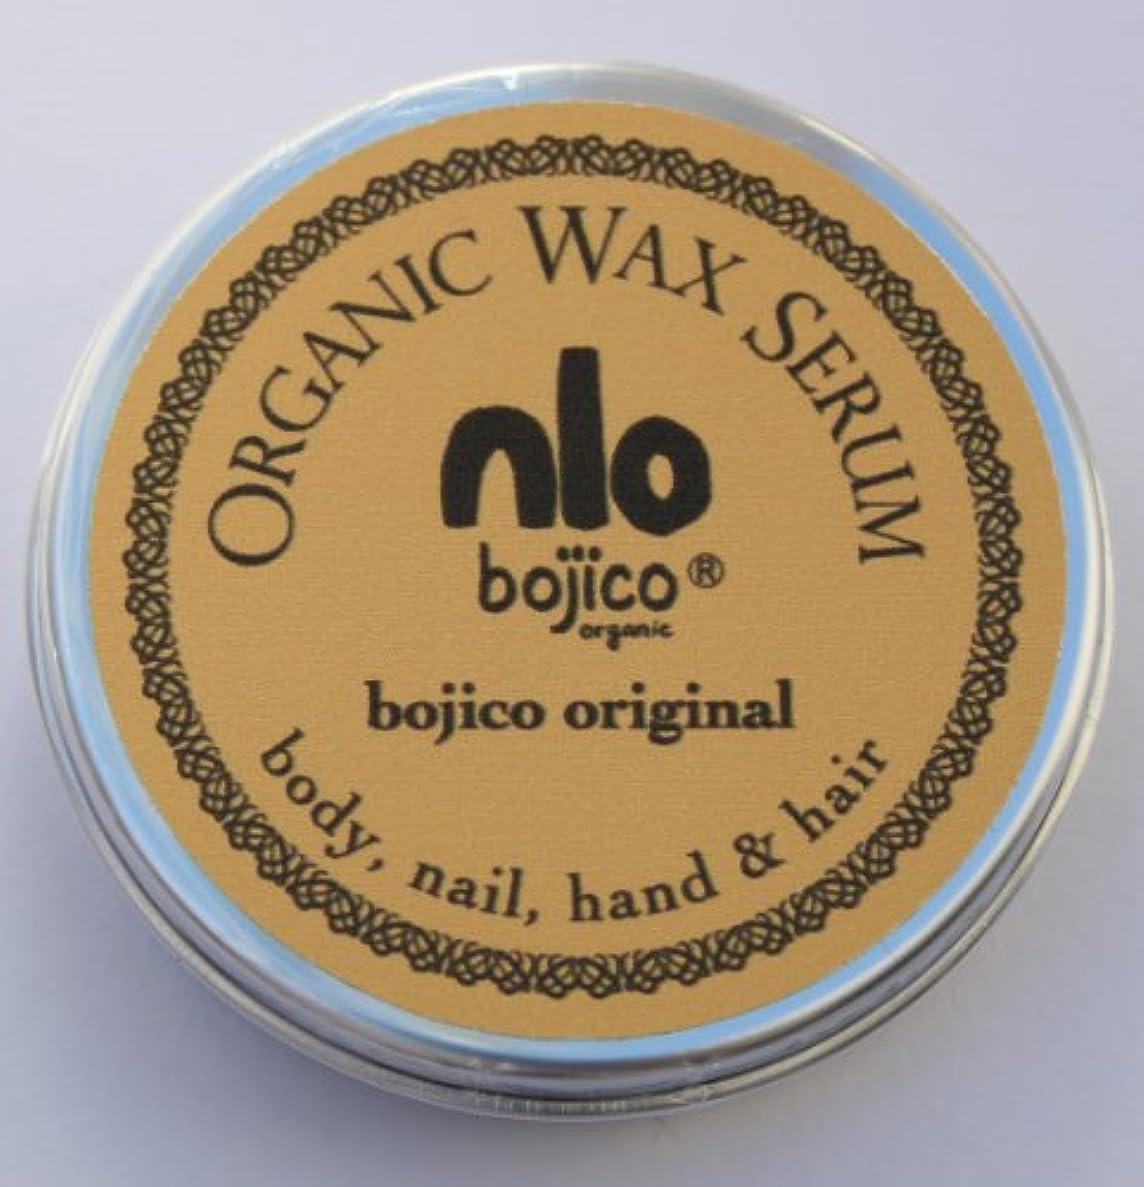 アプトアナロジー著名なbojico オーガニック ワックス セラム<オリジナル> Organic Wax Serum 40g